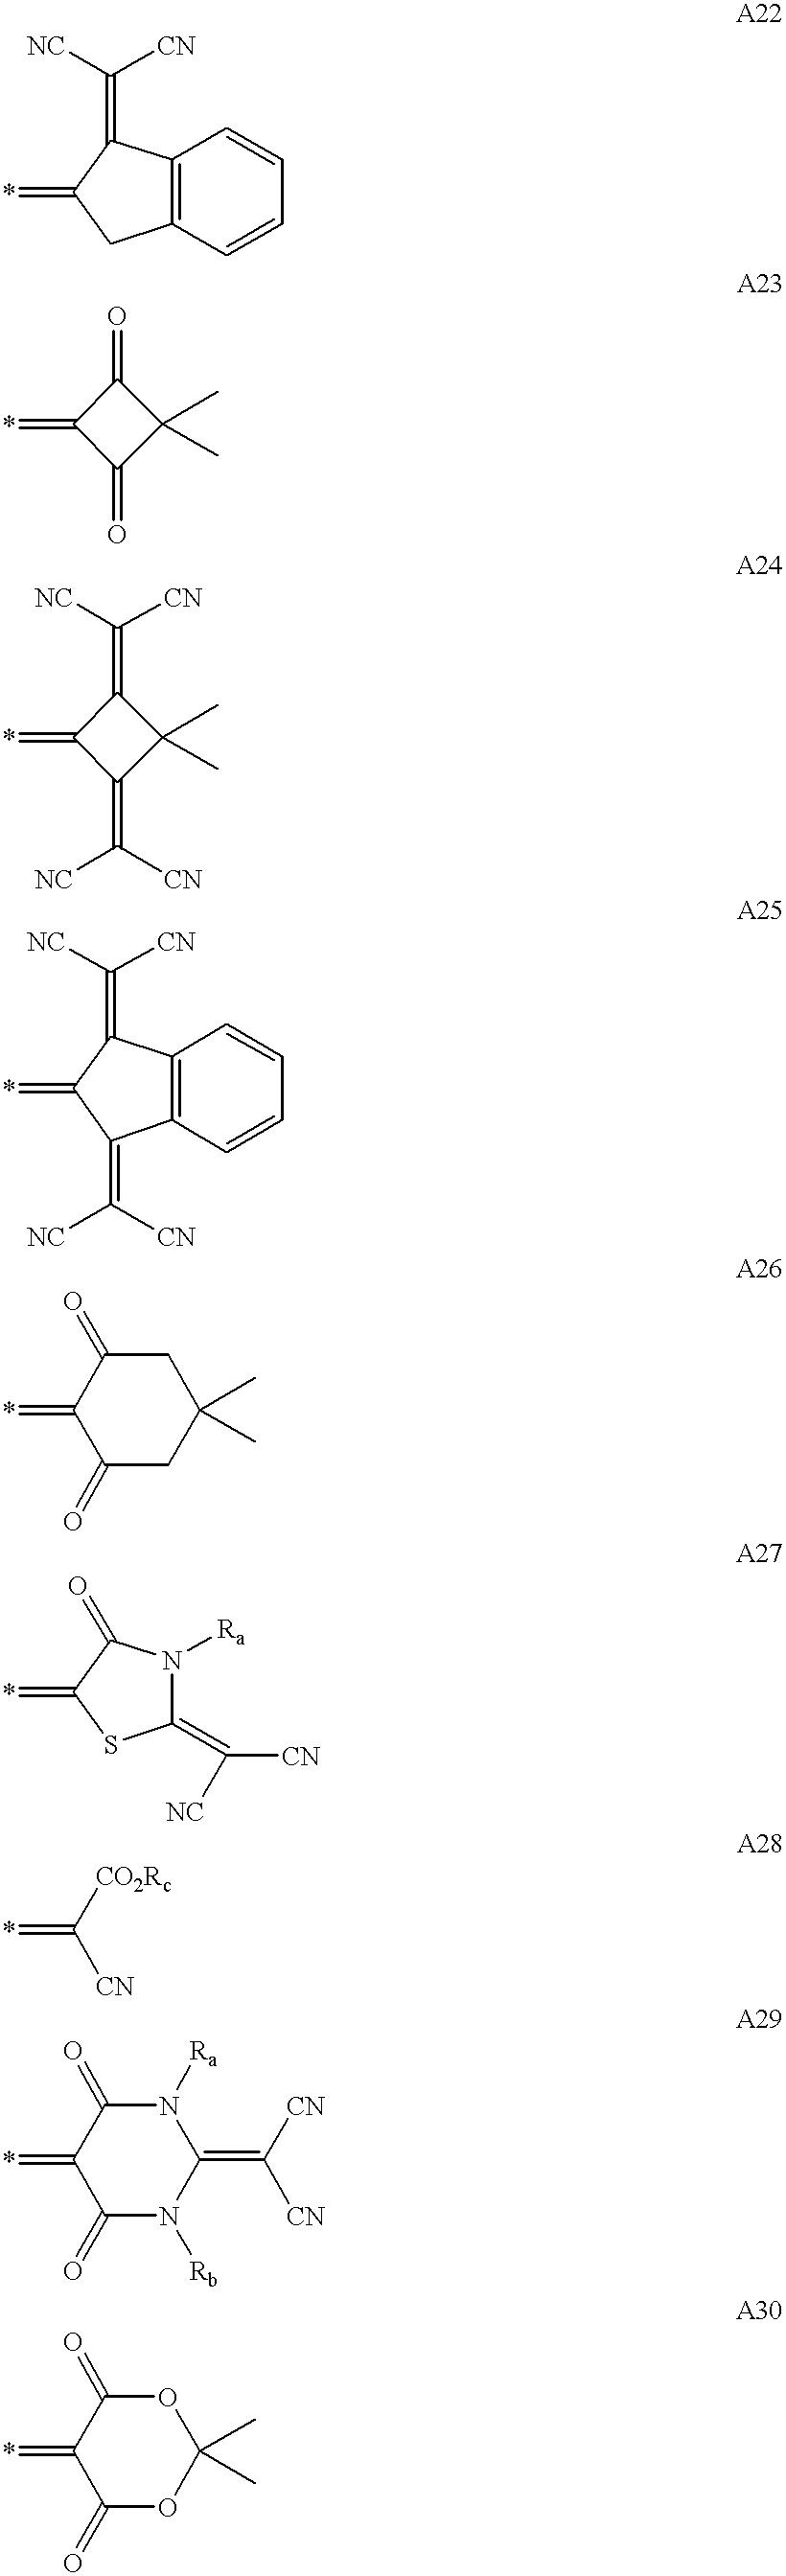 Figure US06267913-20010731-C00015